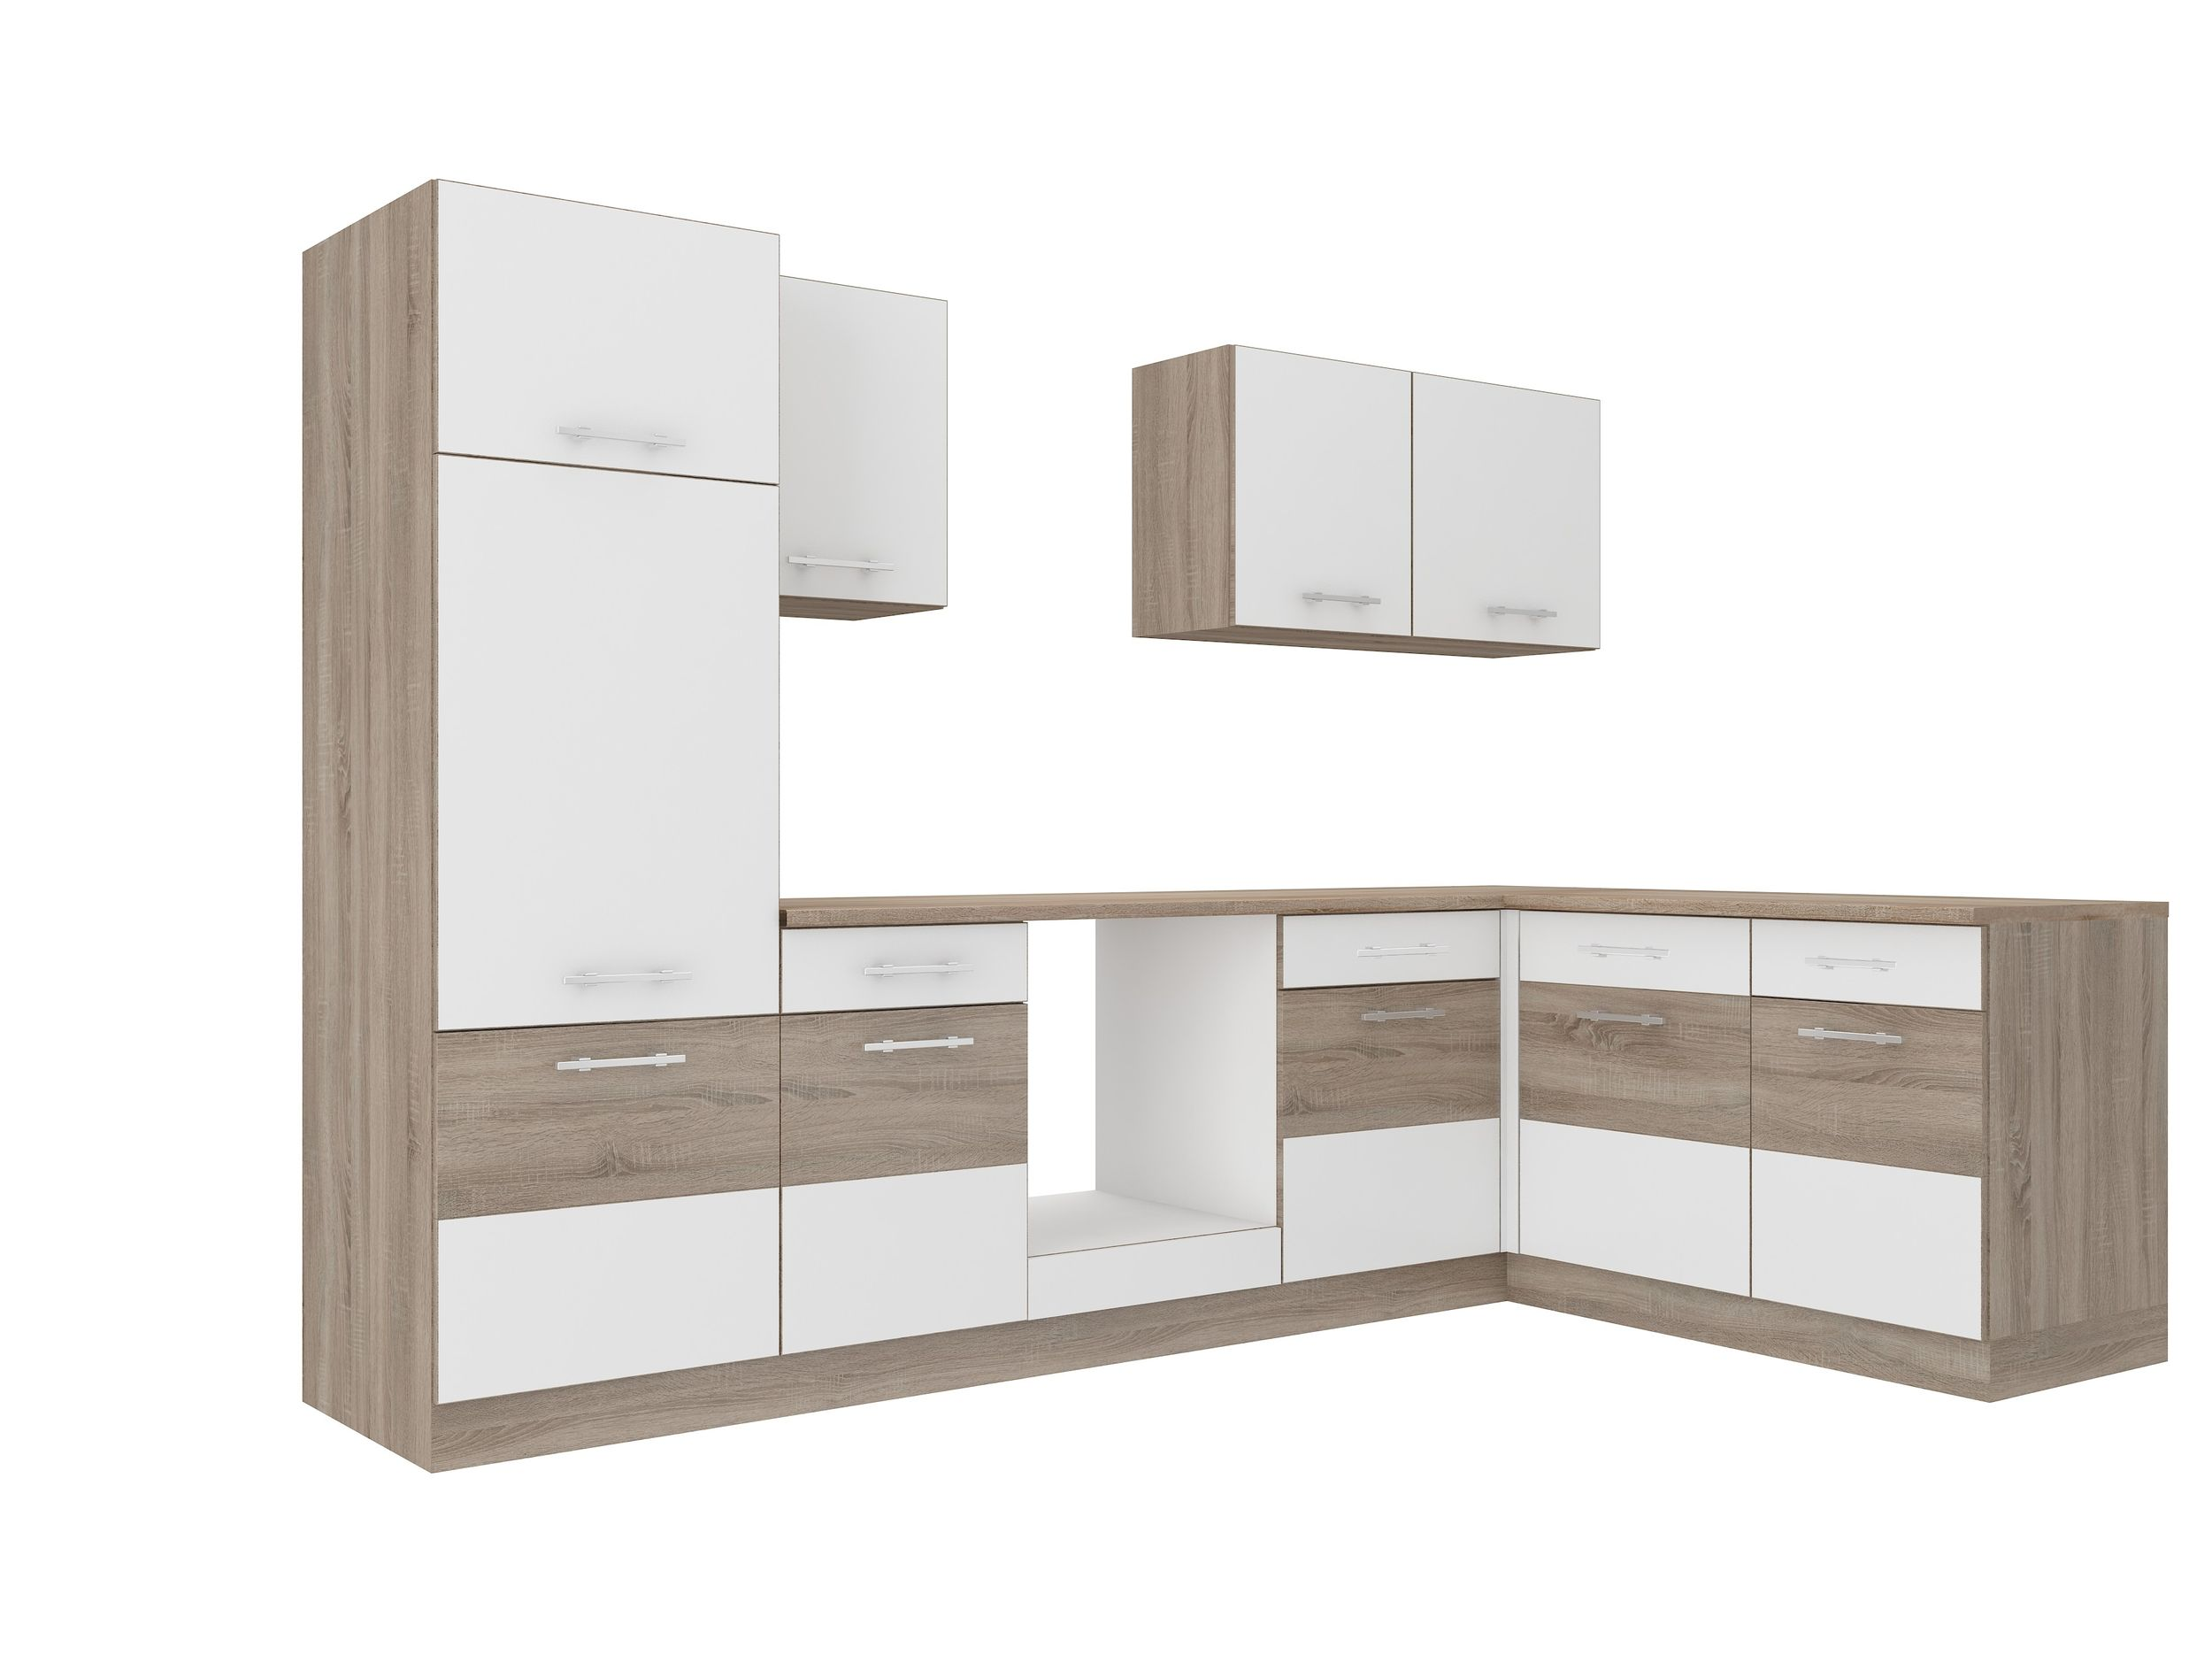 kuchen zubehor koln, küche köln 172x280 cm küchenzeile in sonoma eiche trüffel + weiss, Design ideen